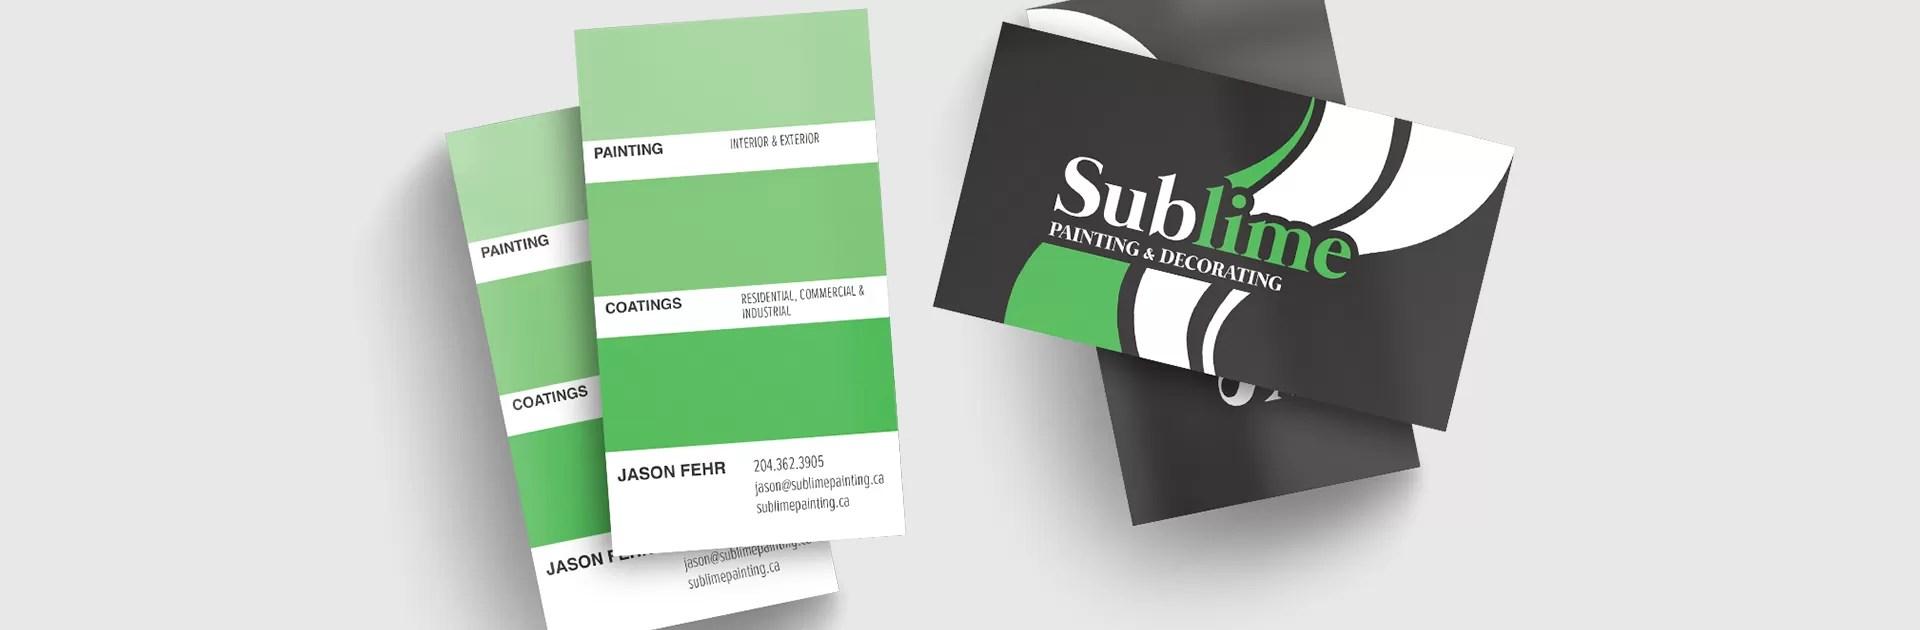 Sublime BusinessCard MockupBanner